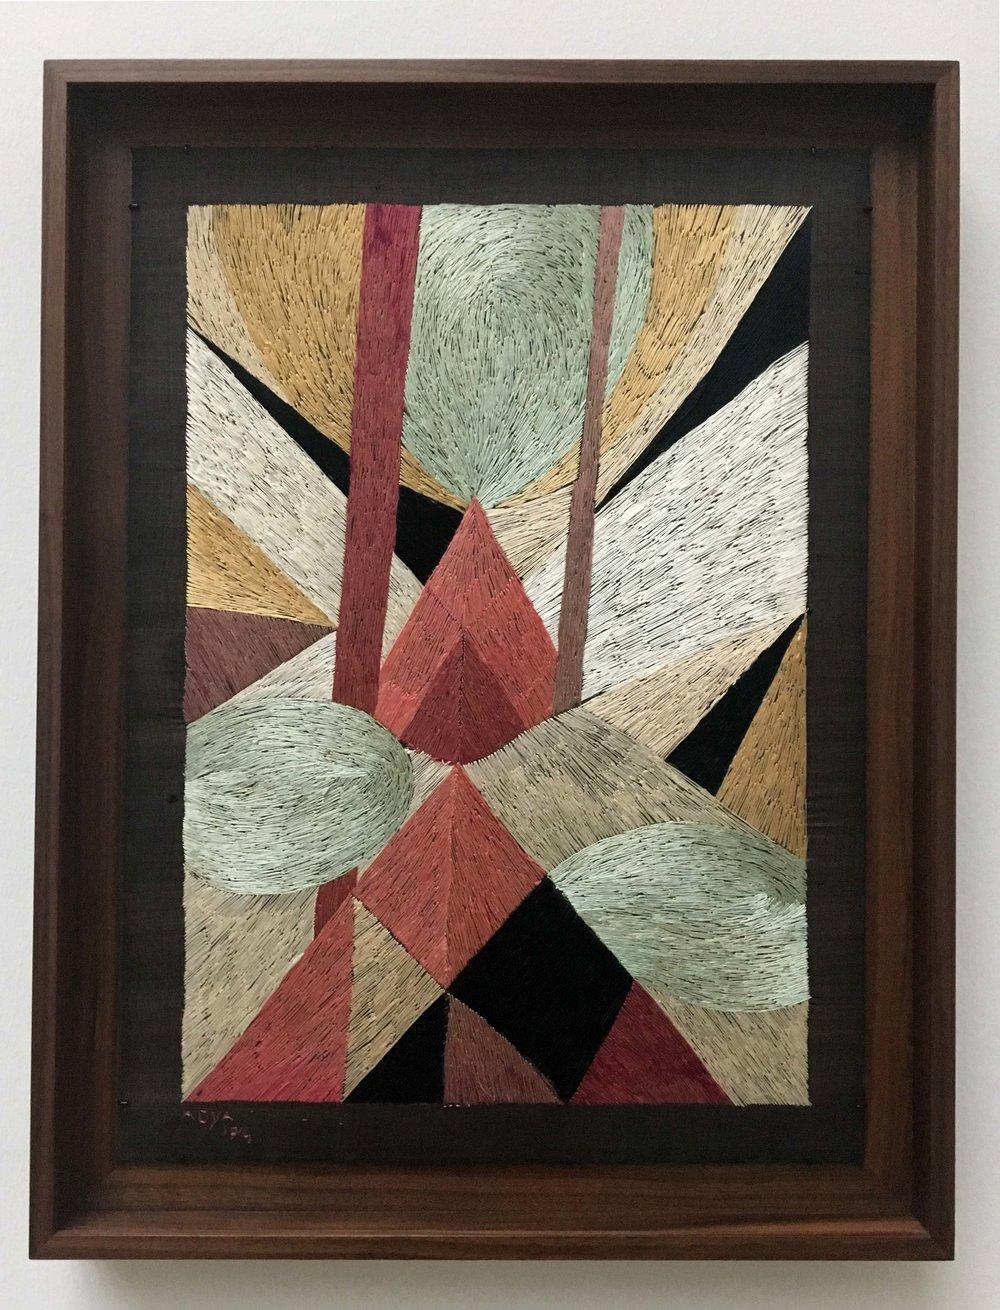 Adya van Rees, Embroidery, 1914